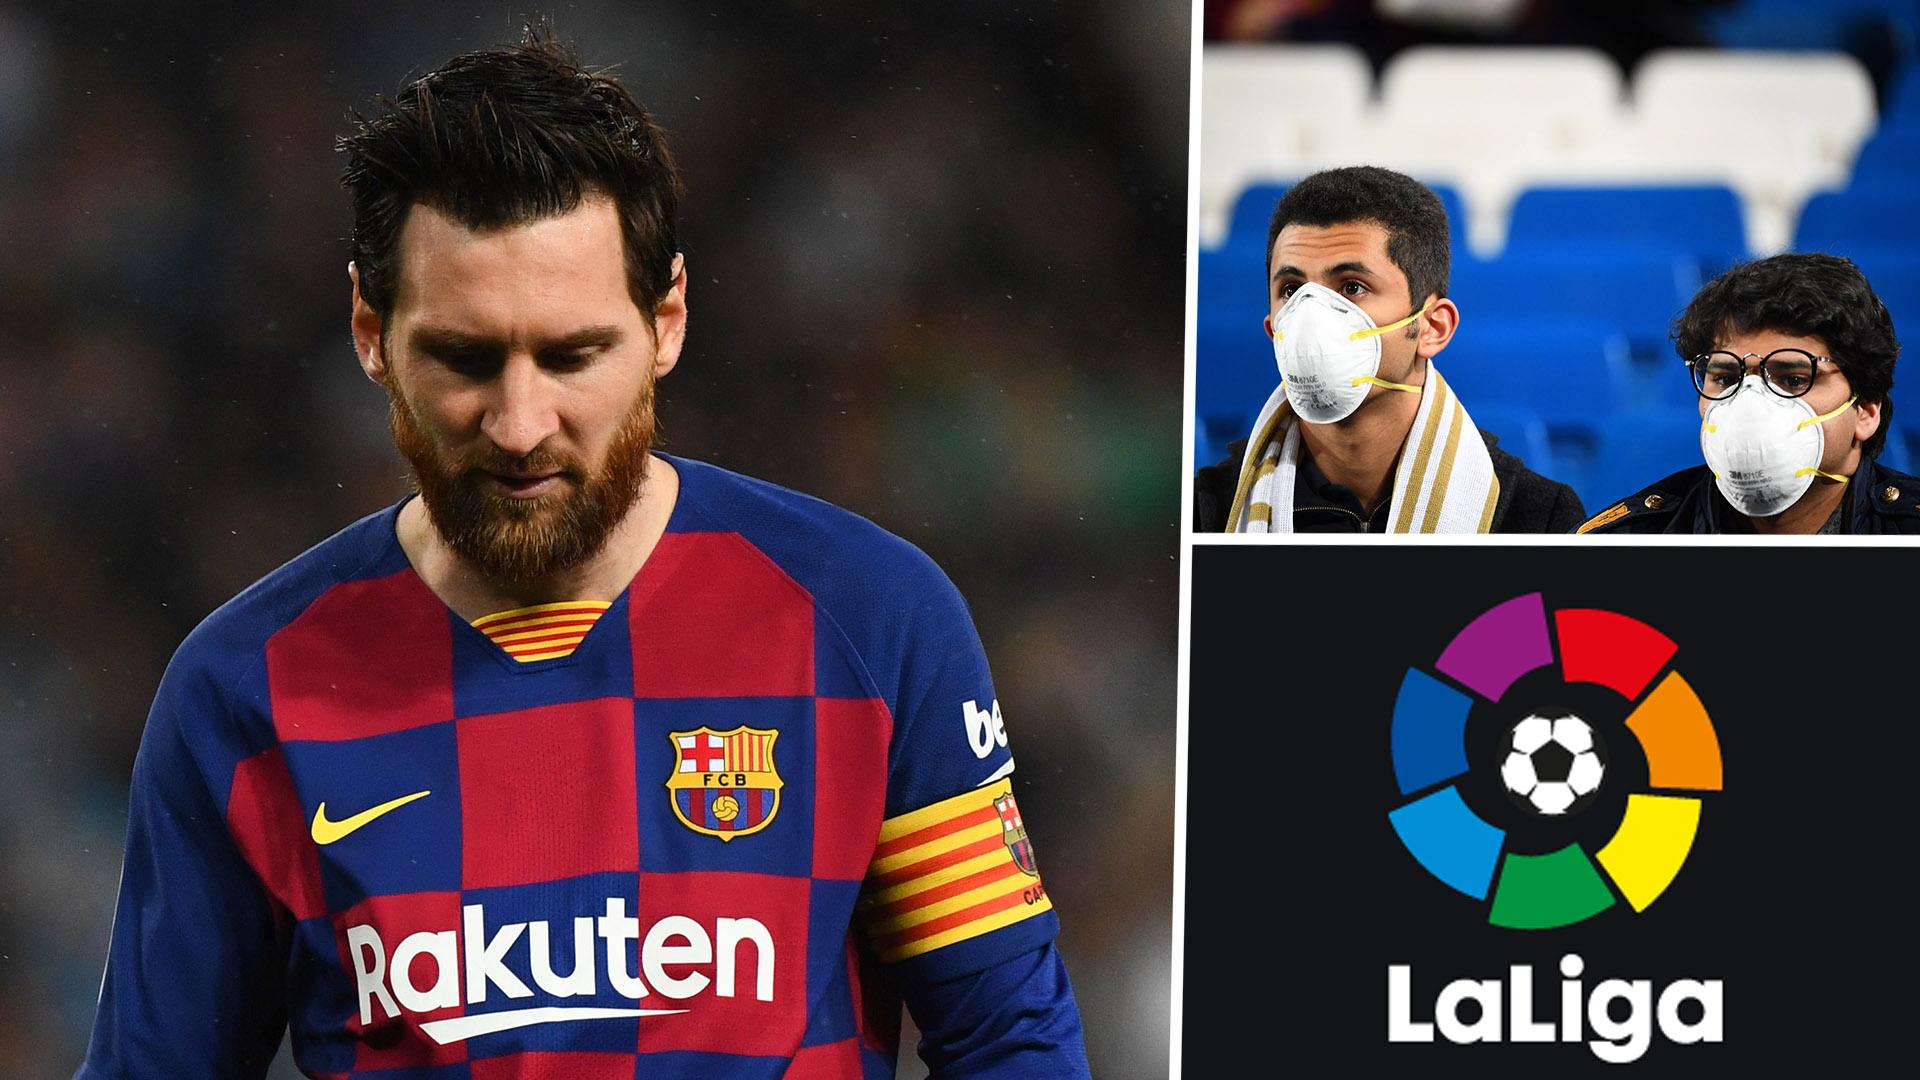 Football / Espagne : LaLiga suspendue indéfiniment à cause de la pandémie du Covid-19.